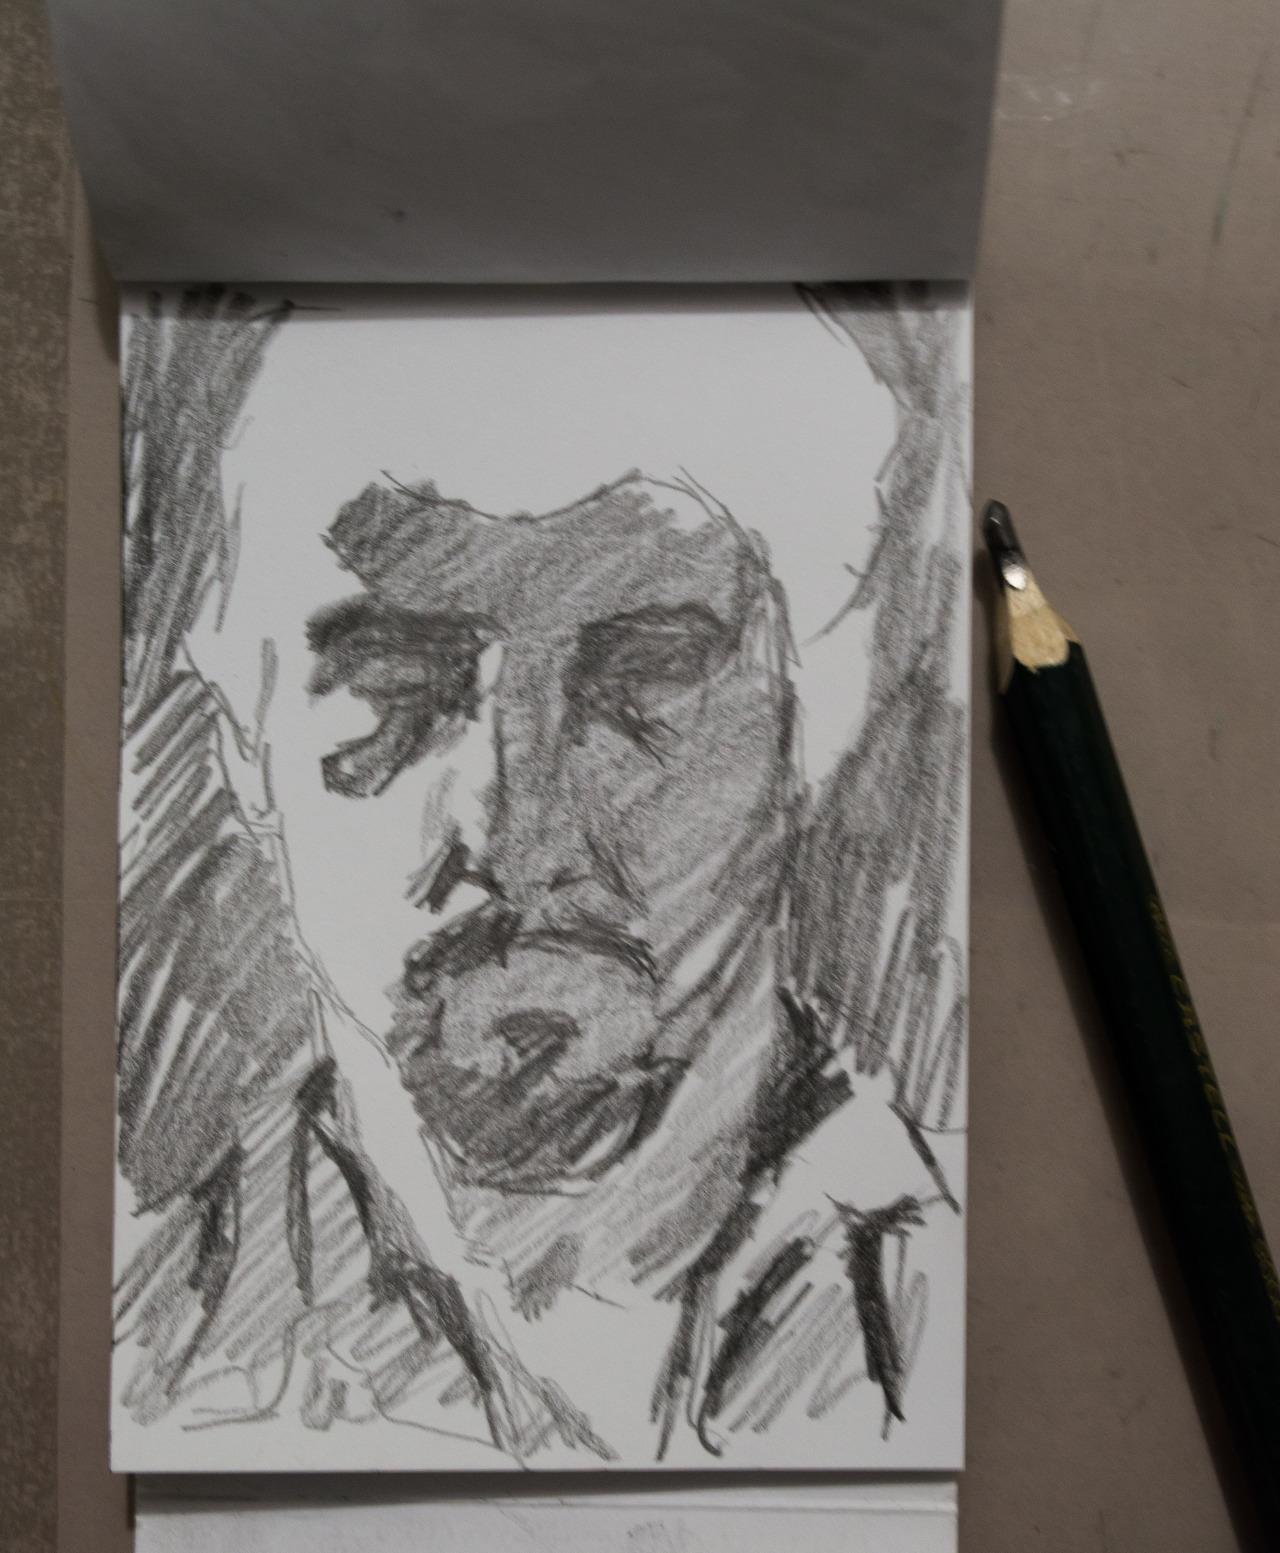 Pocket sketch